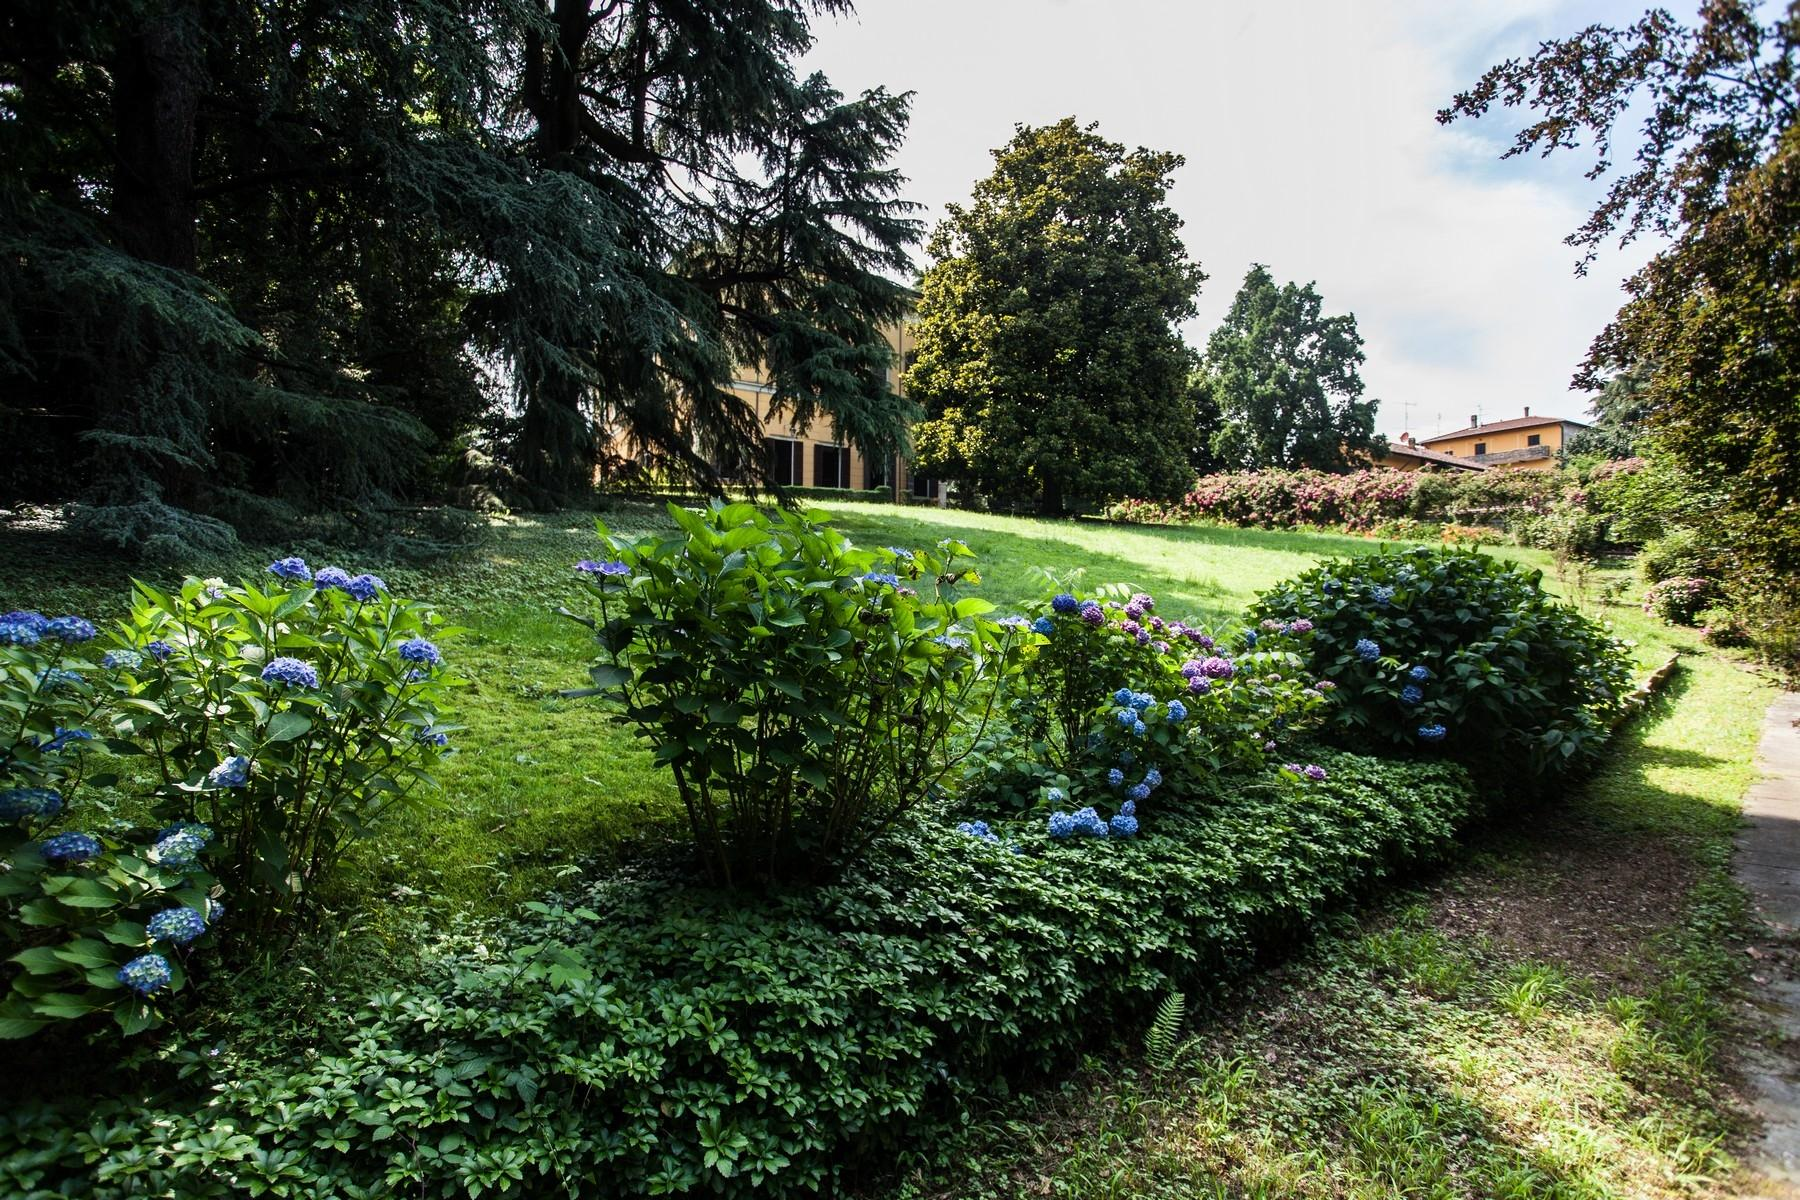 Elégante villa historique dans un parc botanique - 8